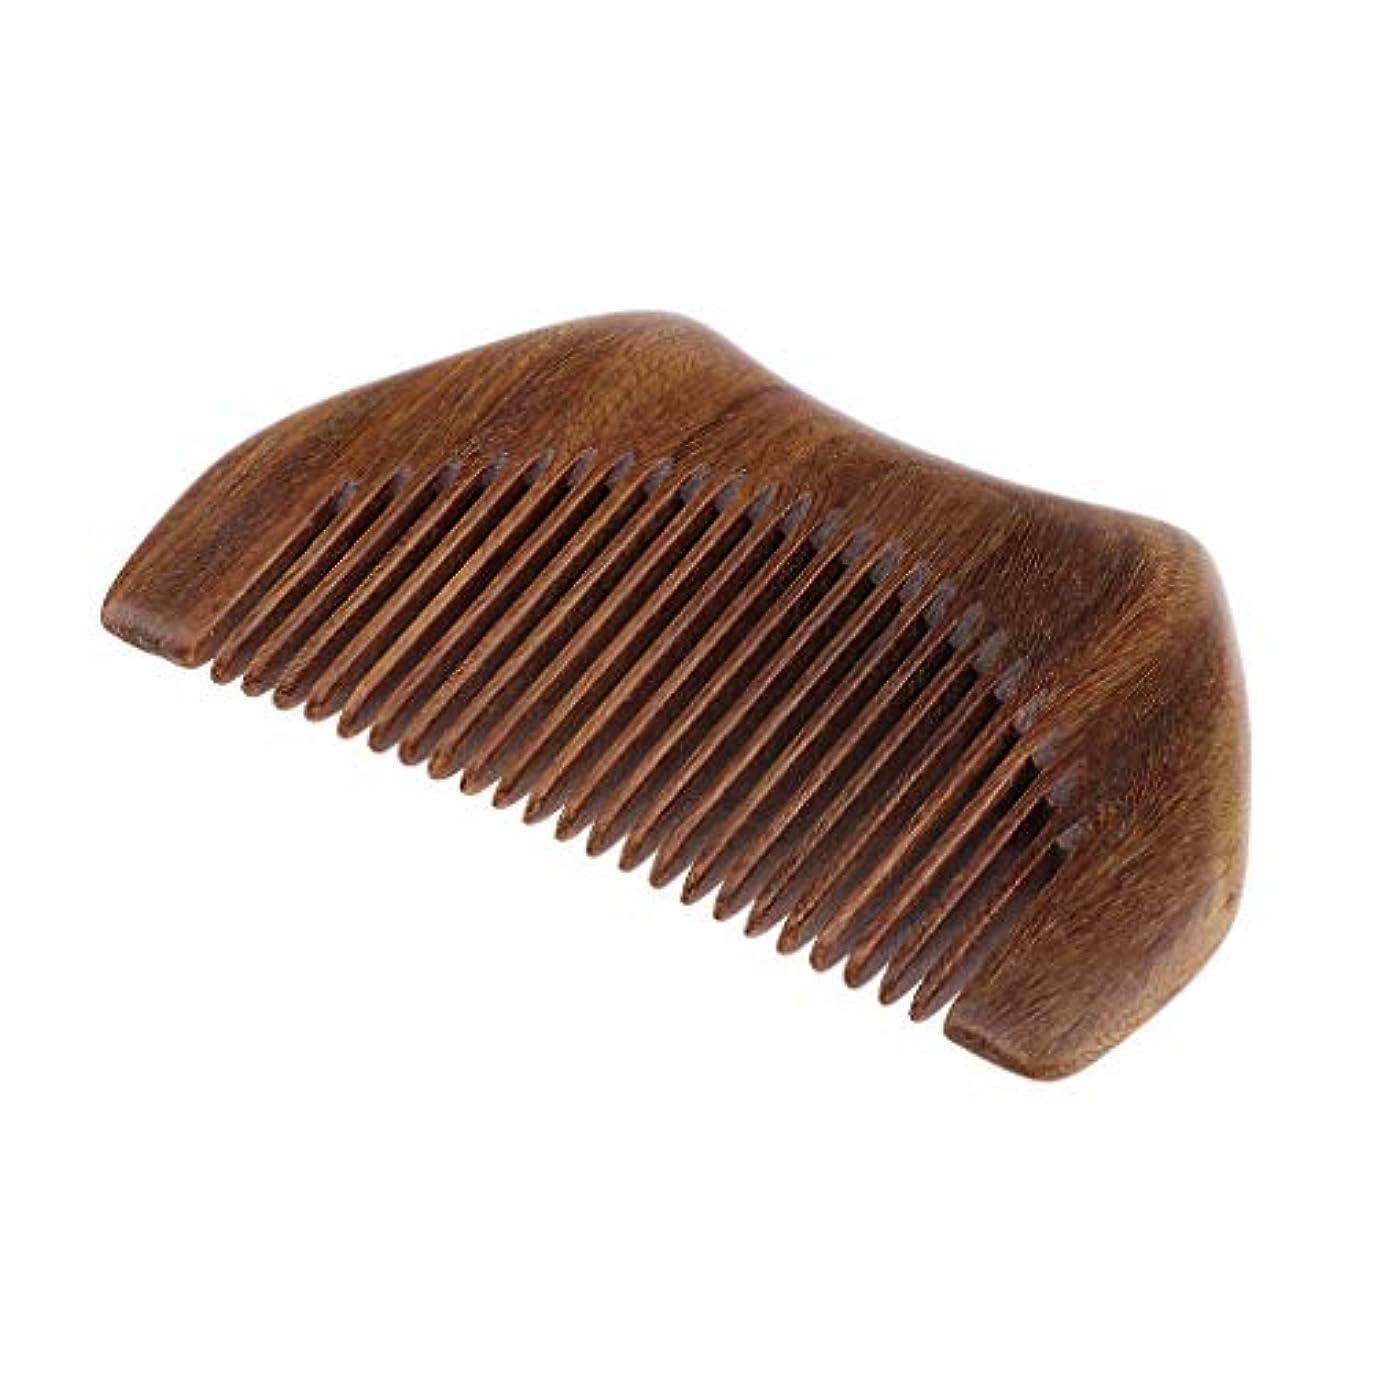 鹿寄託またはどちらかヘアコーム 木製櫛 静電気防止櫛 ヘアサロン くし